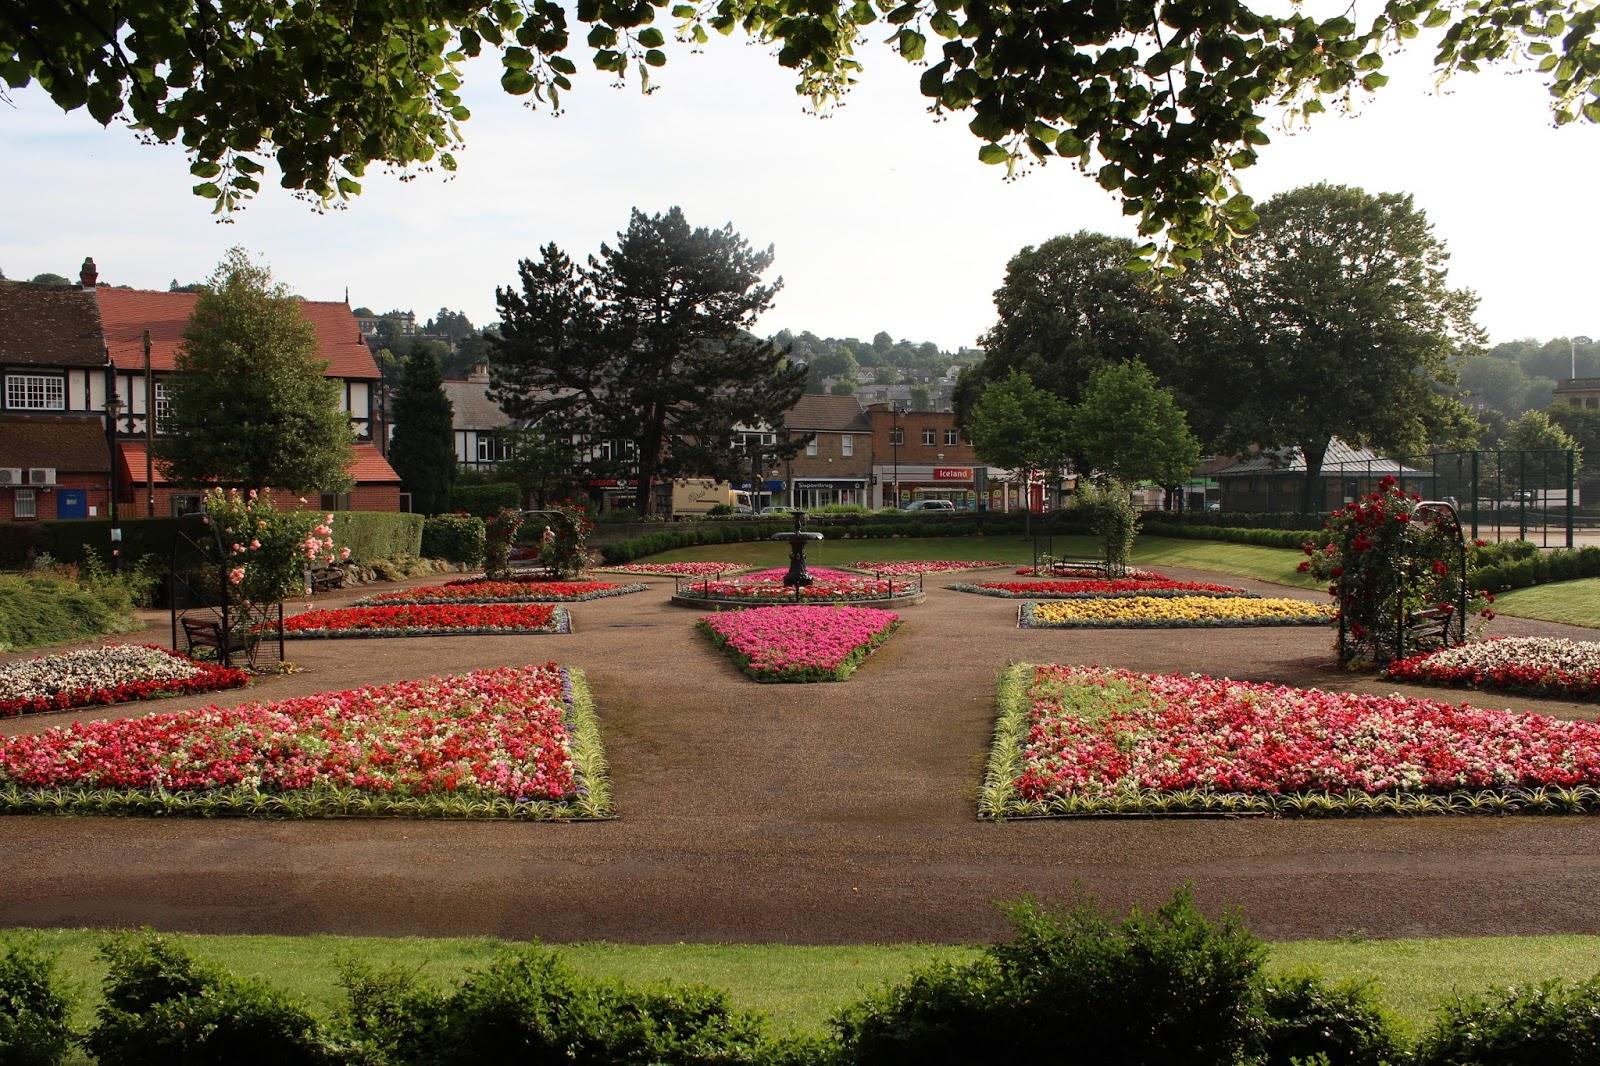 The Inelegant Gardener: Of Bourdieu and begonias